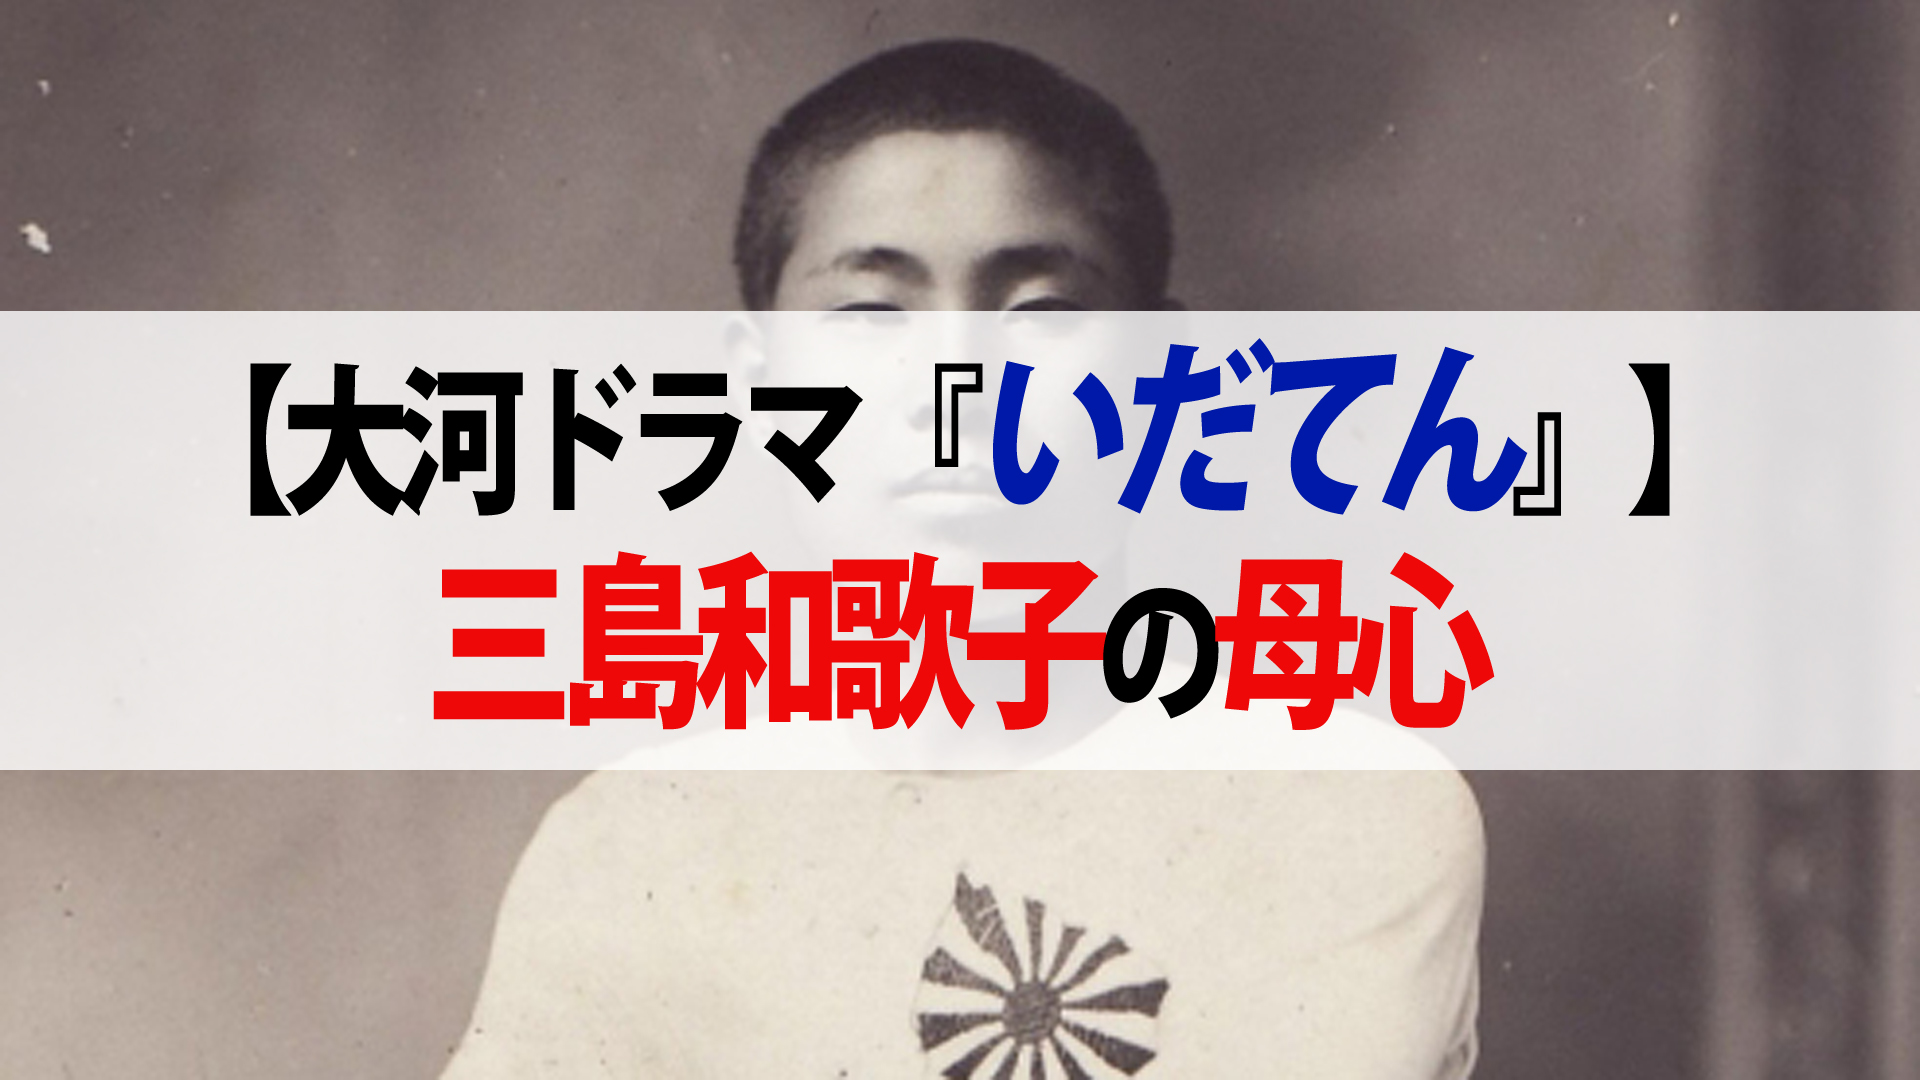 【いだてん『敵は幾万』】『三島和歌子の母心』『四三が歌う自転車節』『乗れなかった嘉納治五郎』第8回への反響まとめ